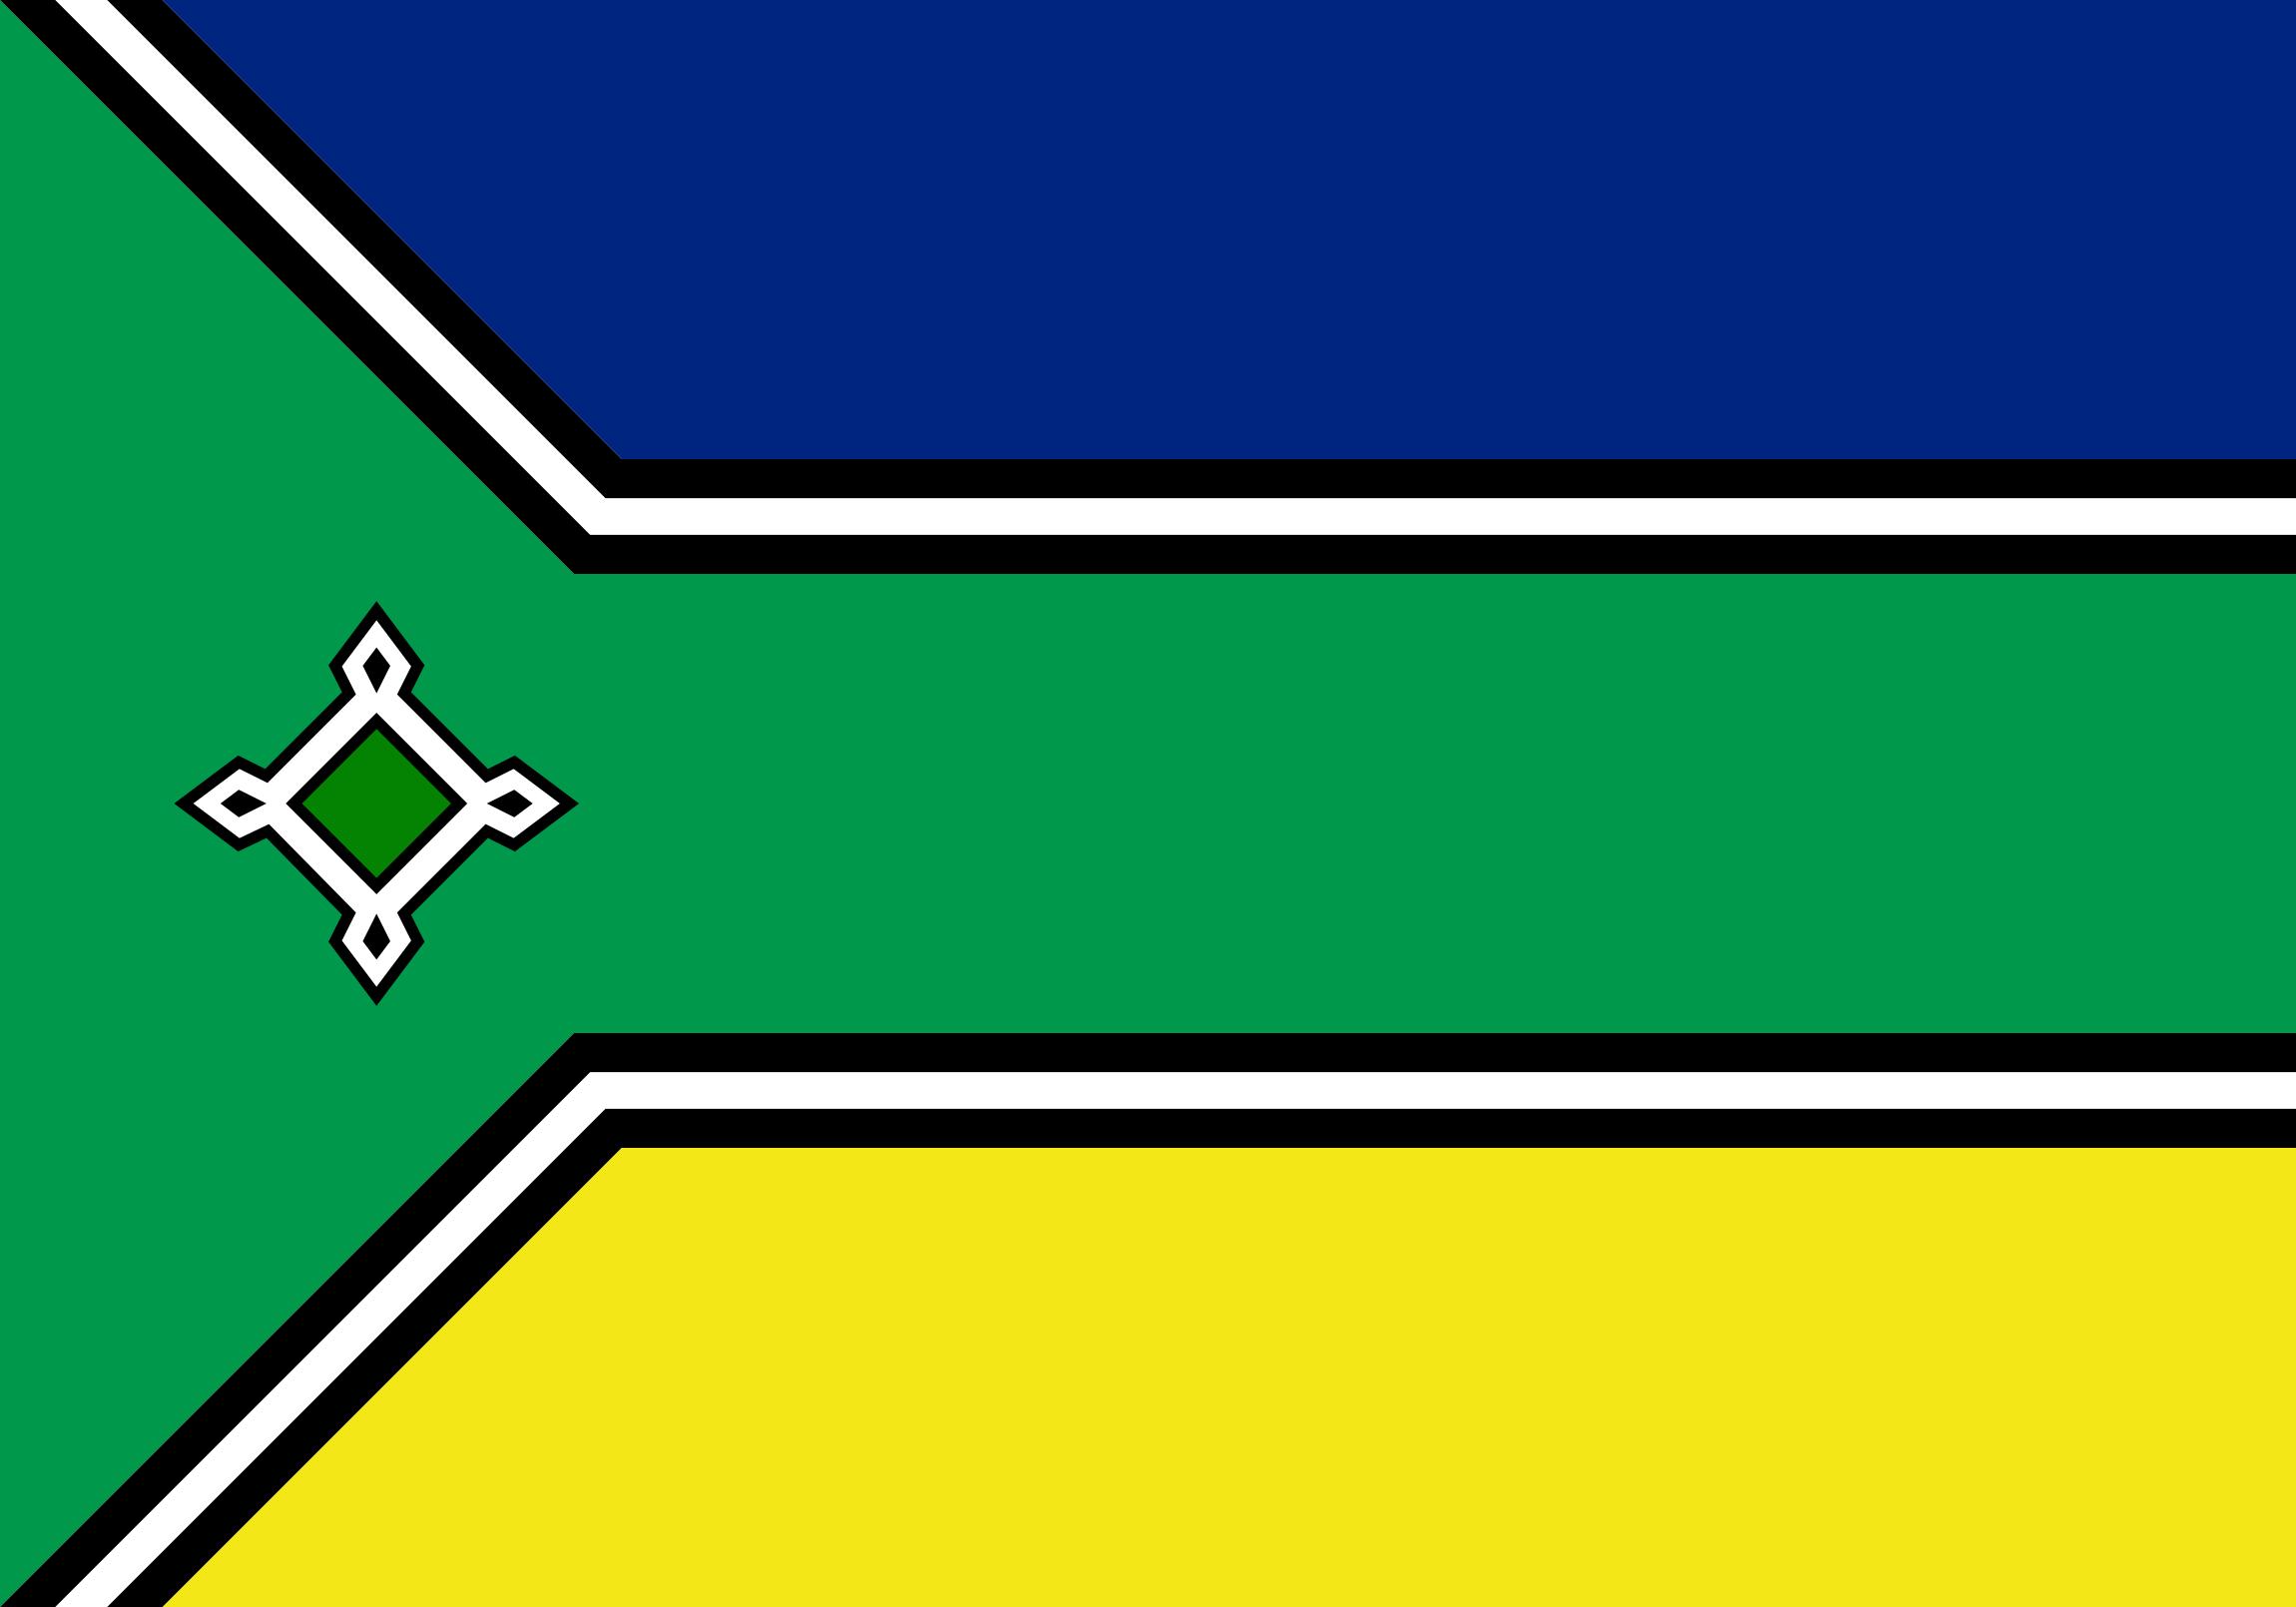 bandeira-do-amapa-estado-1